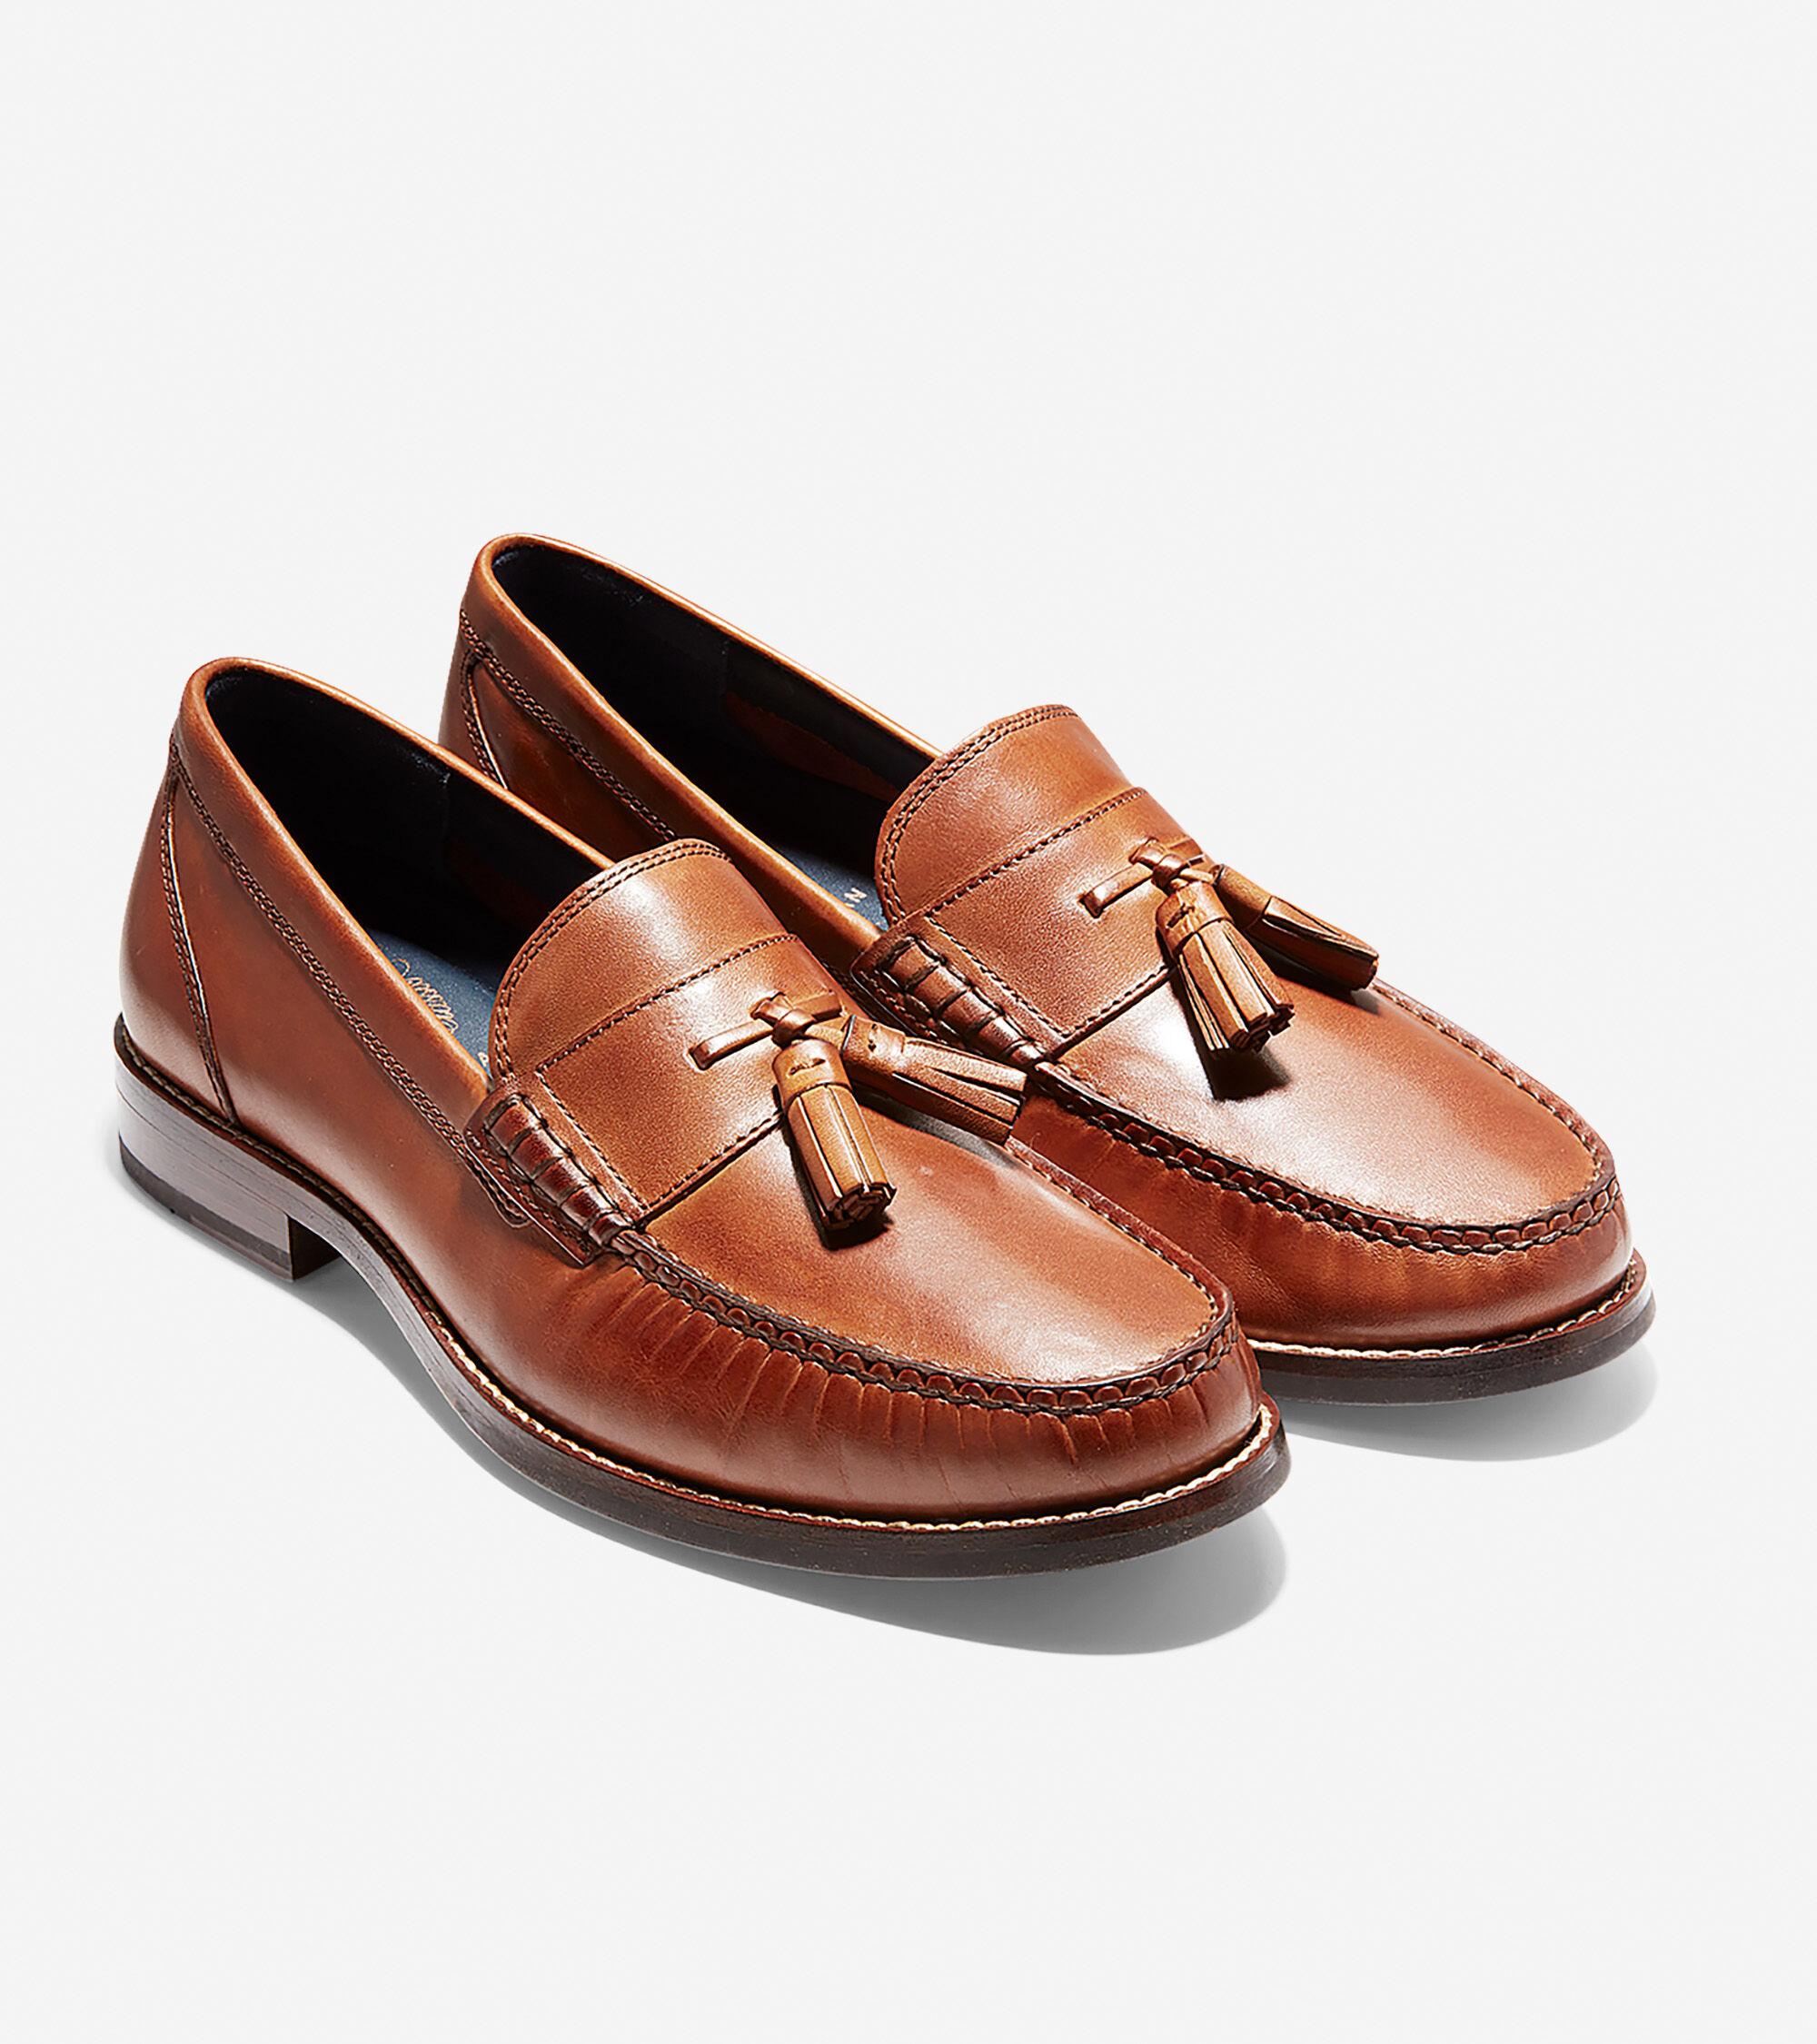 0481e43a418 Men s Pinch Grand Classic Tassel Loafers in British Tan